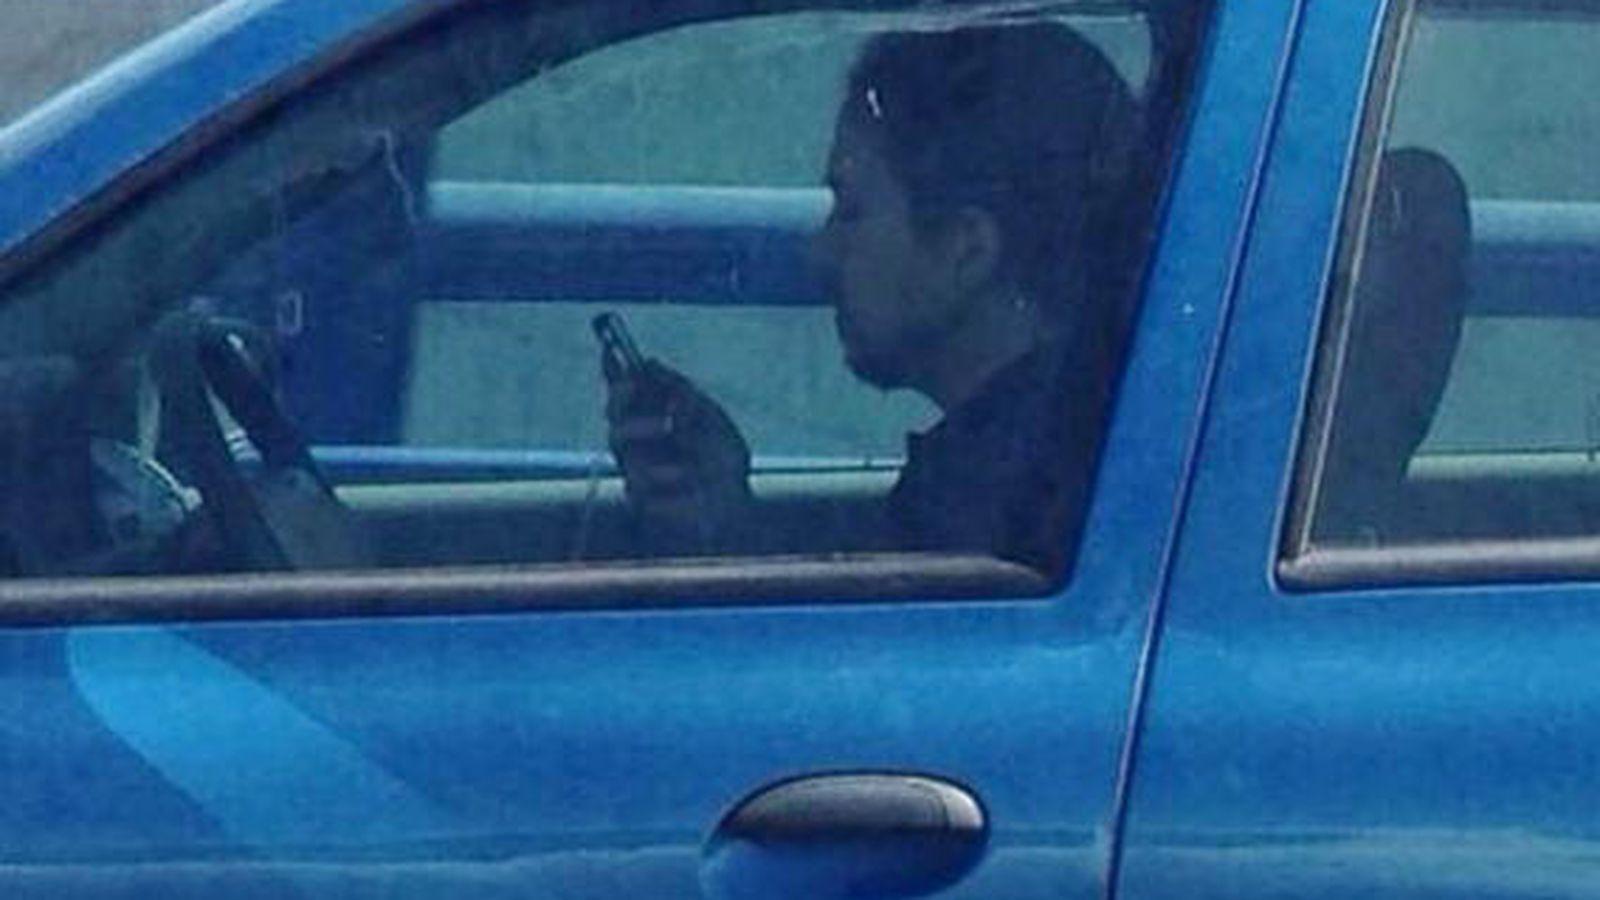 Foto: El líder de Podemos, Pablo Iglesias, al volante de su Renault Clío. (Foto: Marta Sánchez)